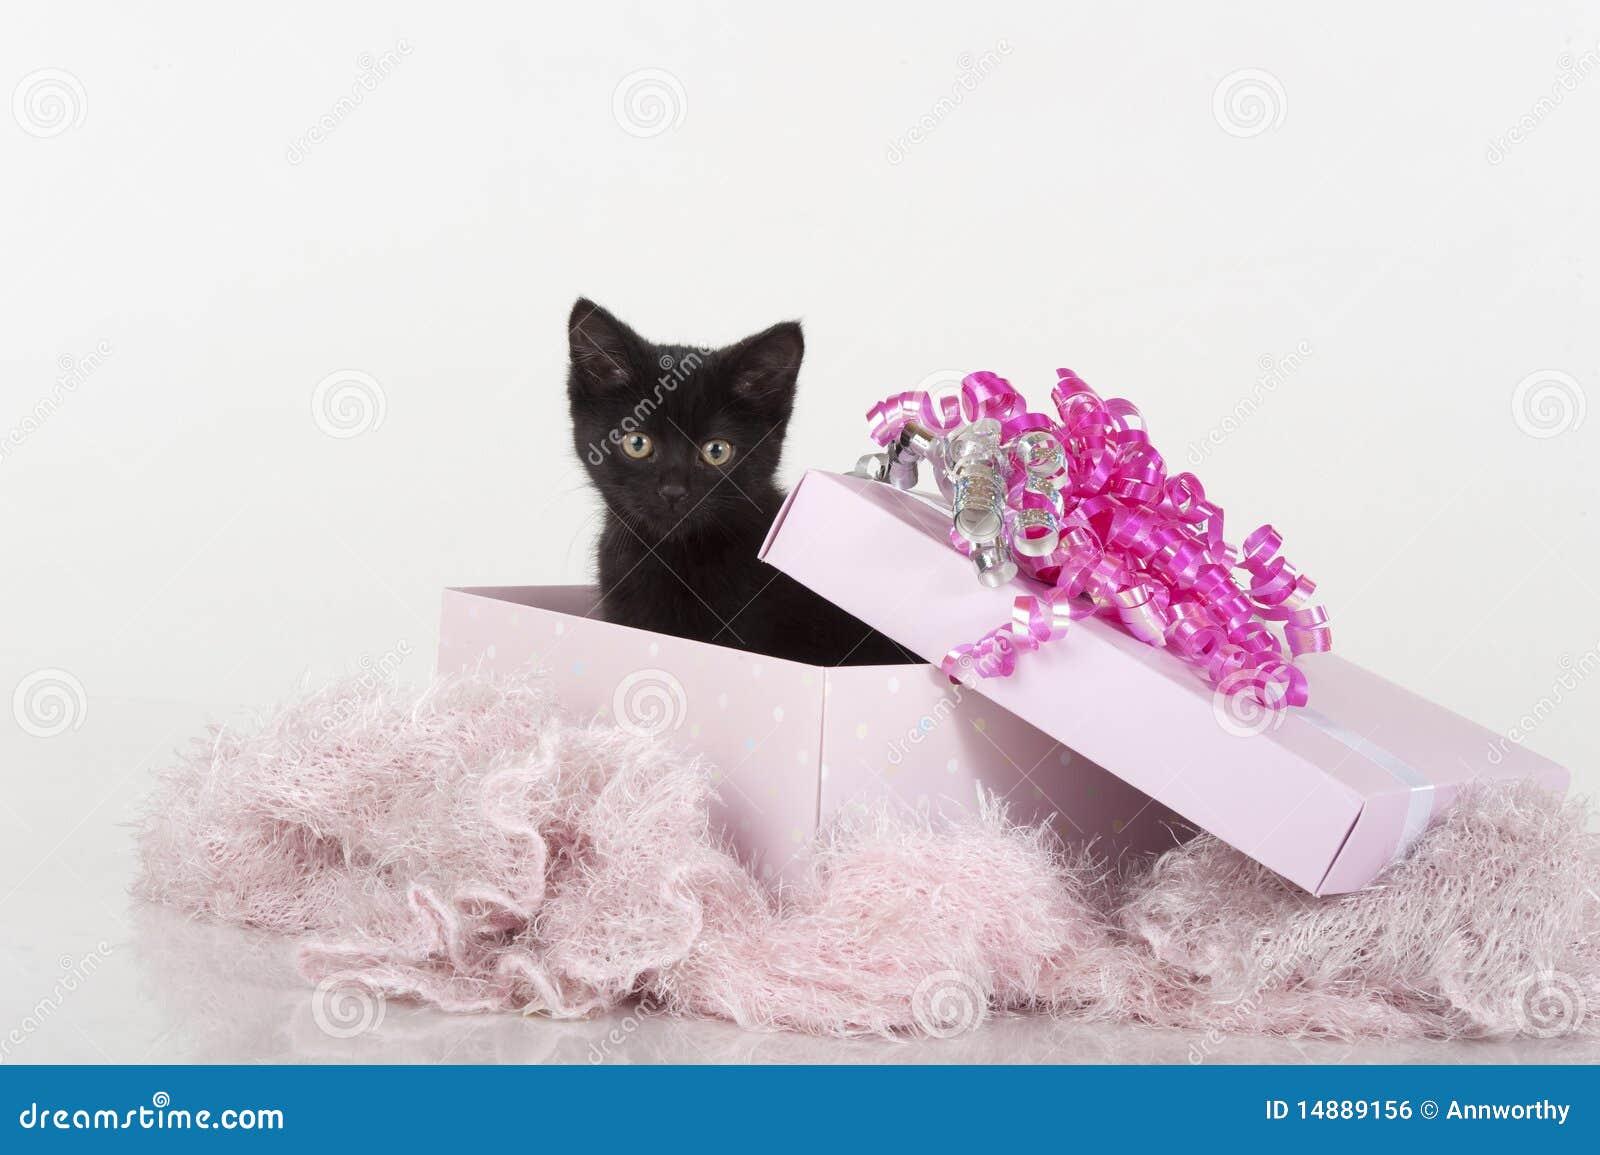 Футболка Черная кошка купить в Москве: цены 58